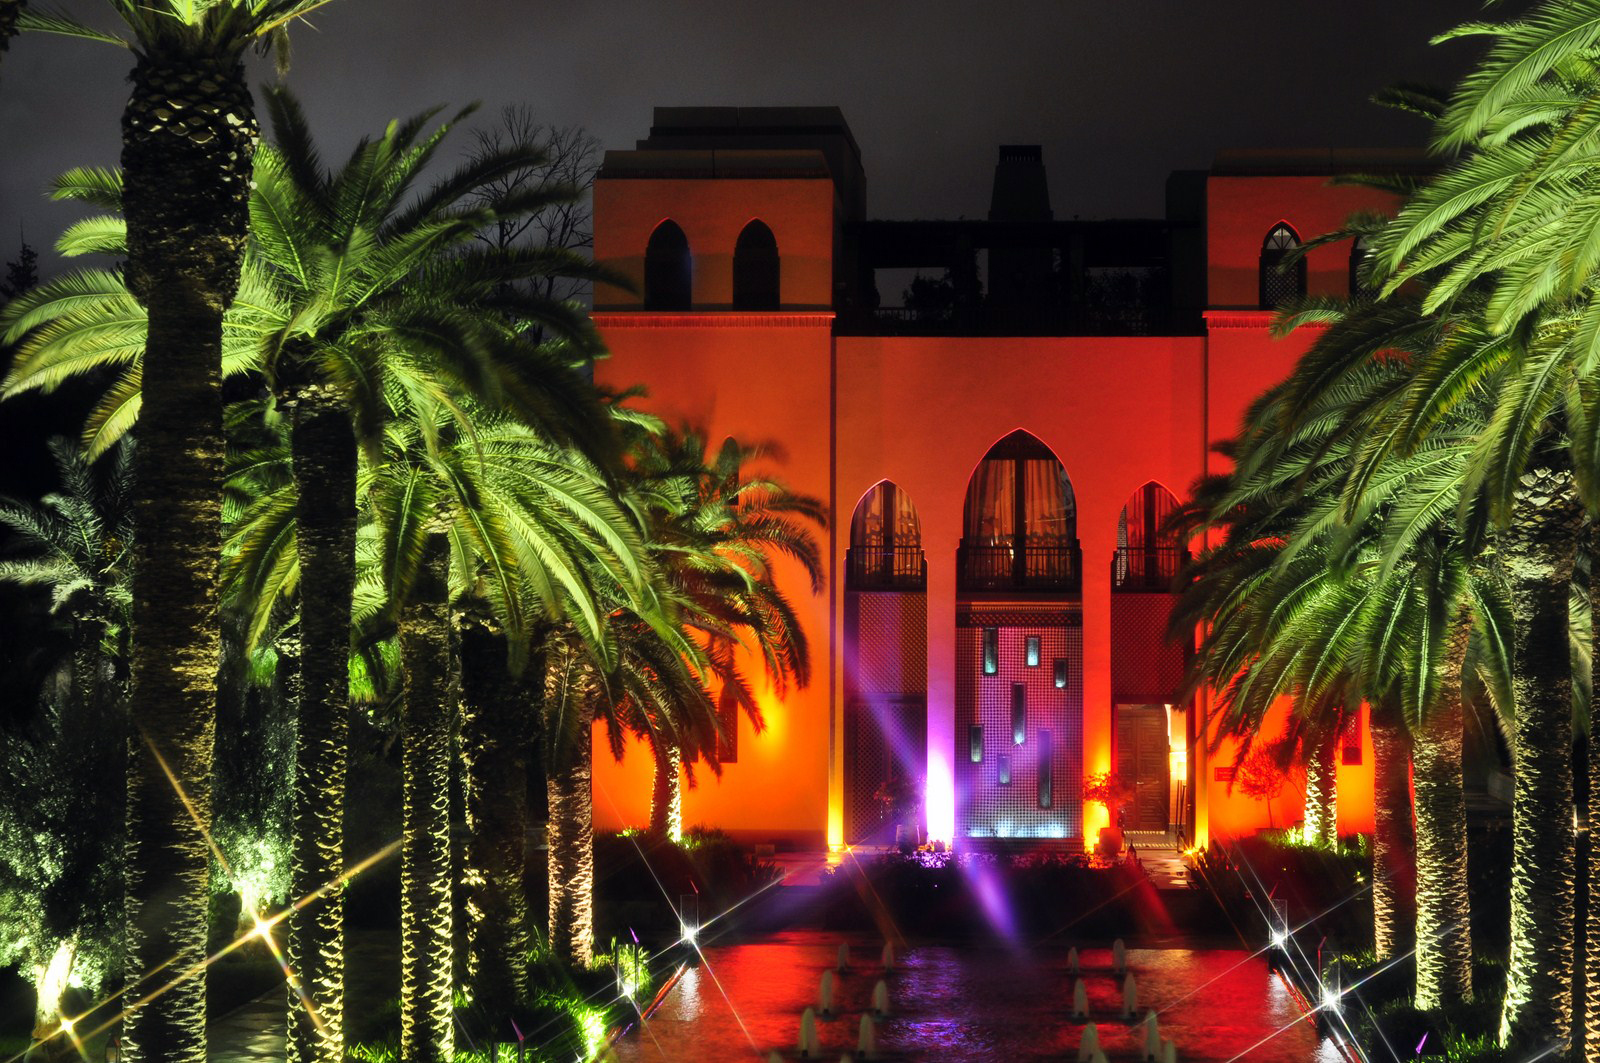 Edificio del restaurante italiano y terraza de fiesta de noche Four Seasons Marrakech, oasis en la ciudad roja - 15722161487 016533b265 h - Four Seasons Marrakech, oasis en la ciudad roja